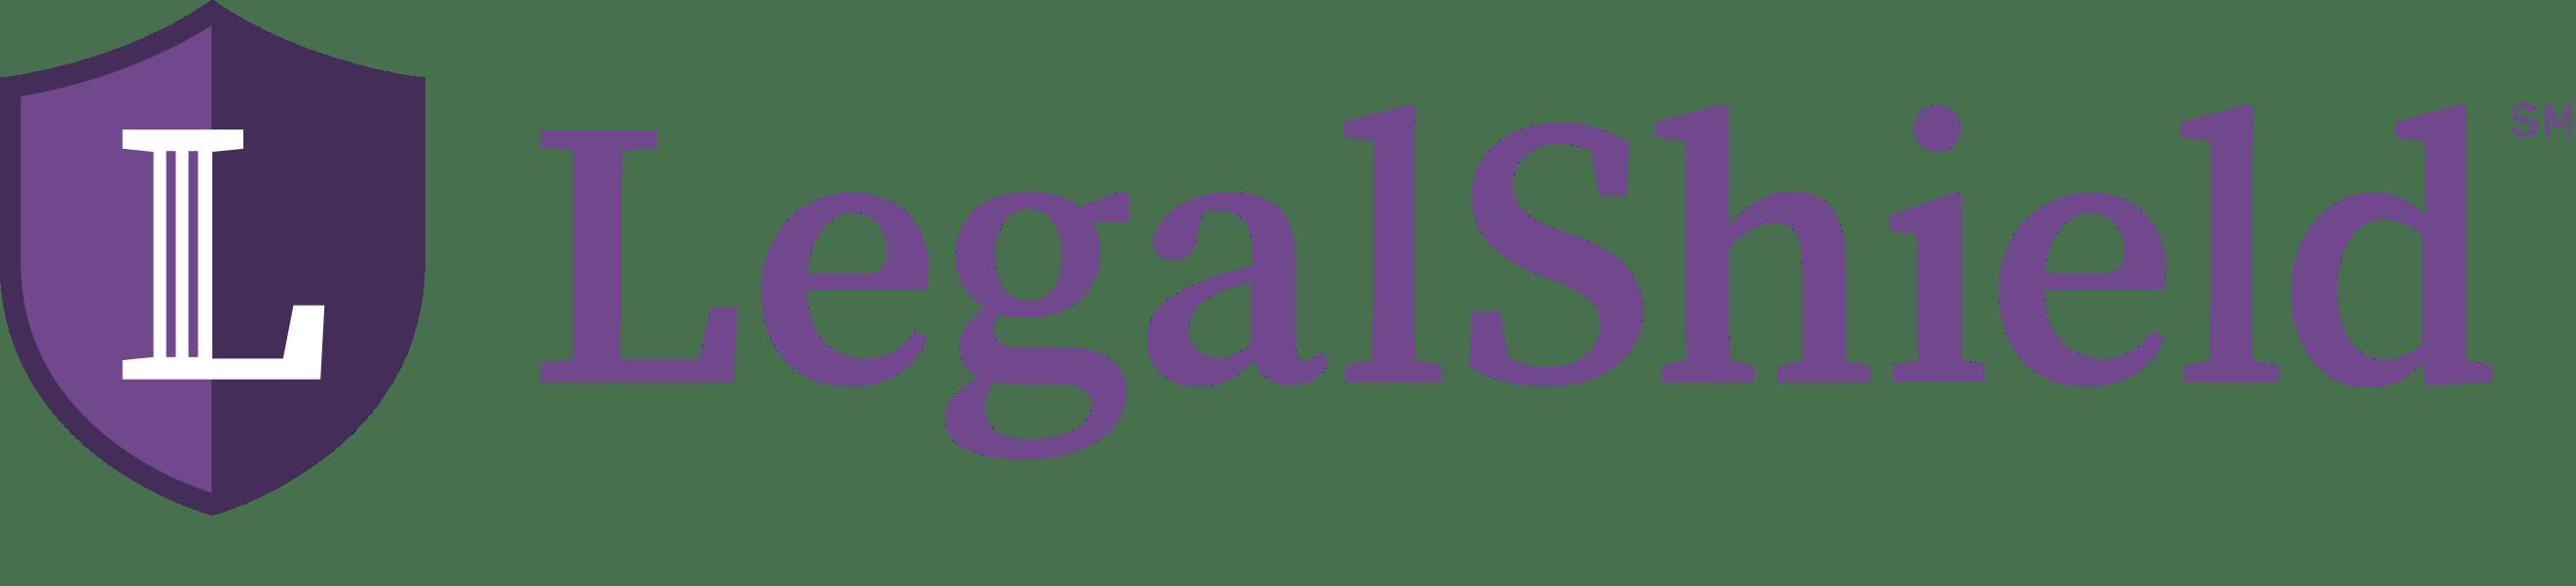 LegalShield company logo